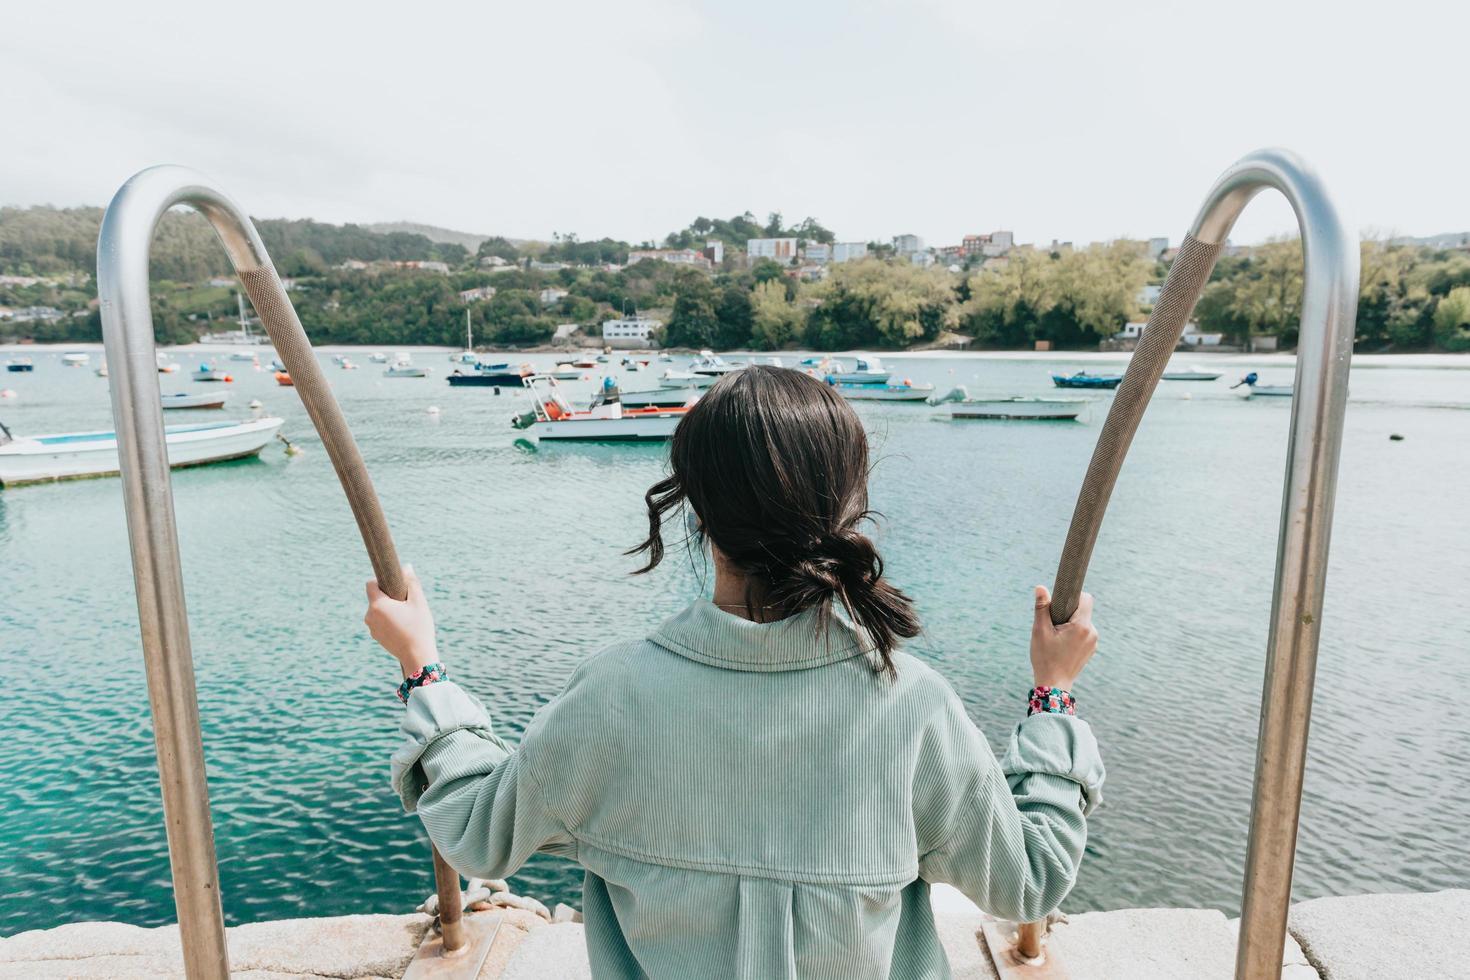 vrouw achteruit voor de zee met veel boten foto